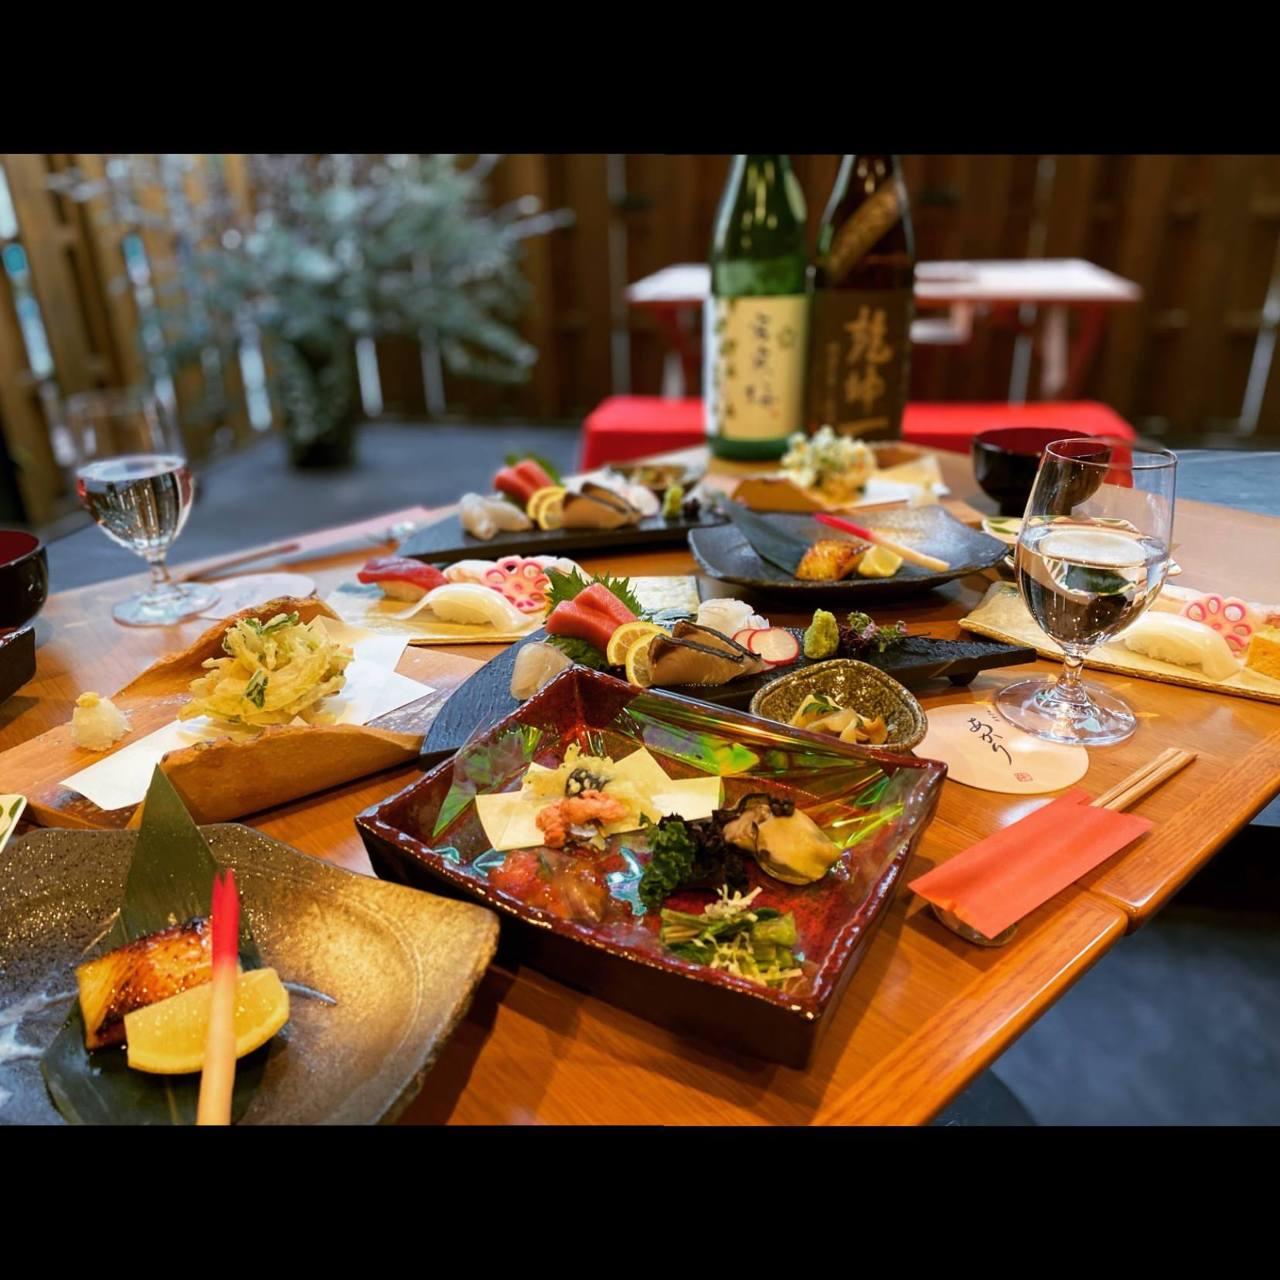 【~朱~あかり】東北の旬の食材を贅沢に使ったお料理9品5,800円